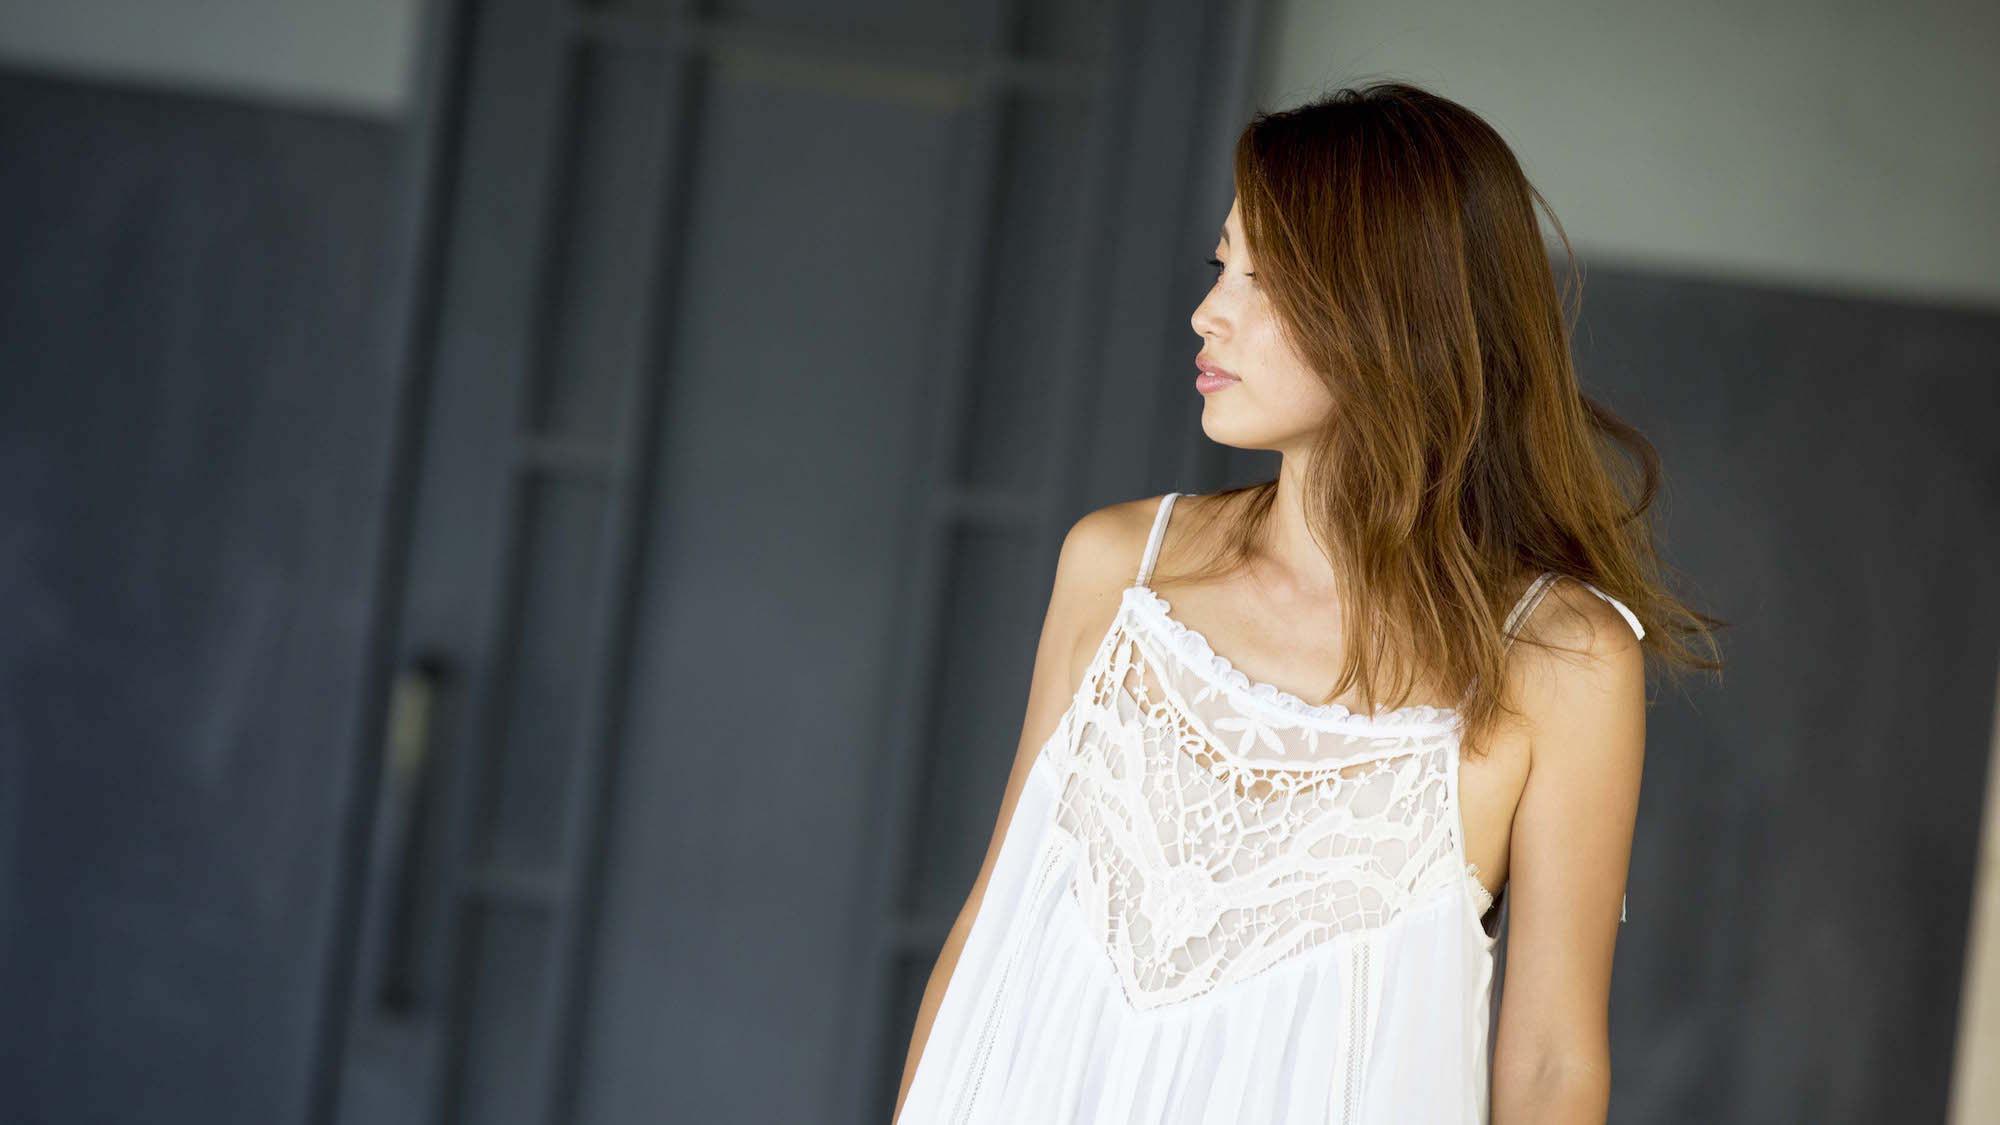 軽やかに舞うサマードレスでフェミニンな装いに/JUNNAさんの7days coordinate #Day7